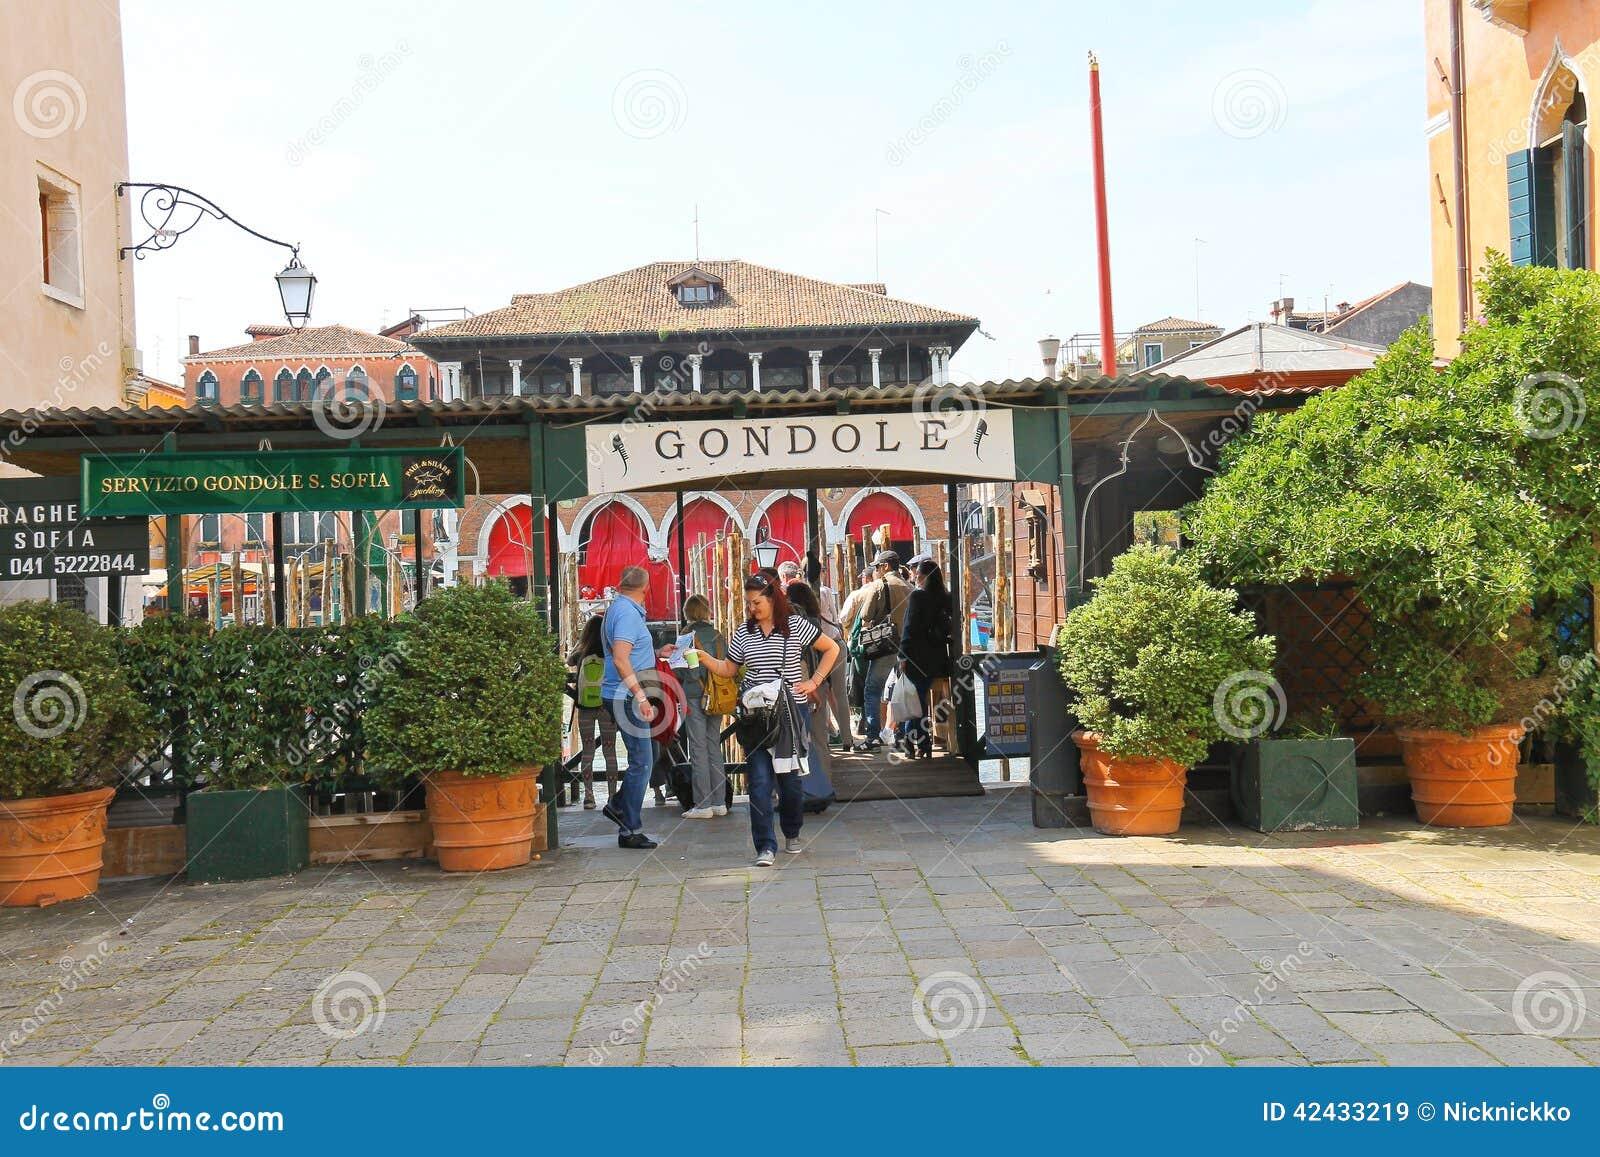 Los turistas acercan a servicio de la góndola en el canal en Venecia, Italia